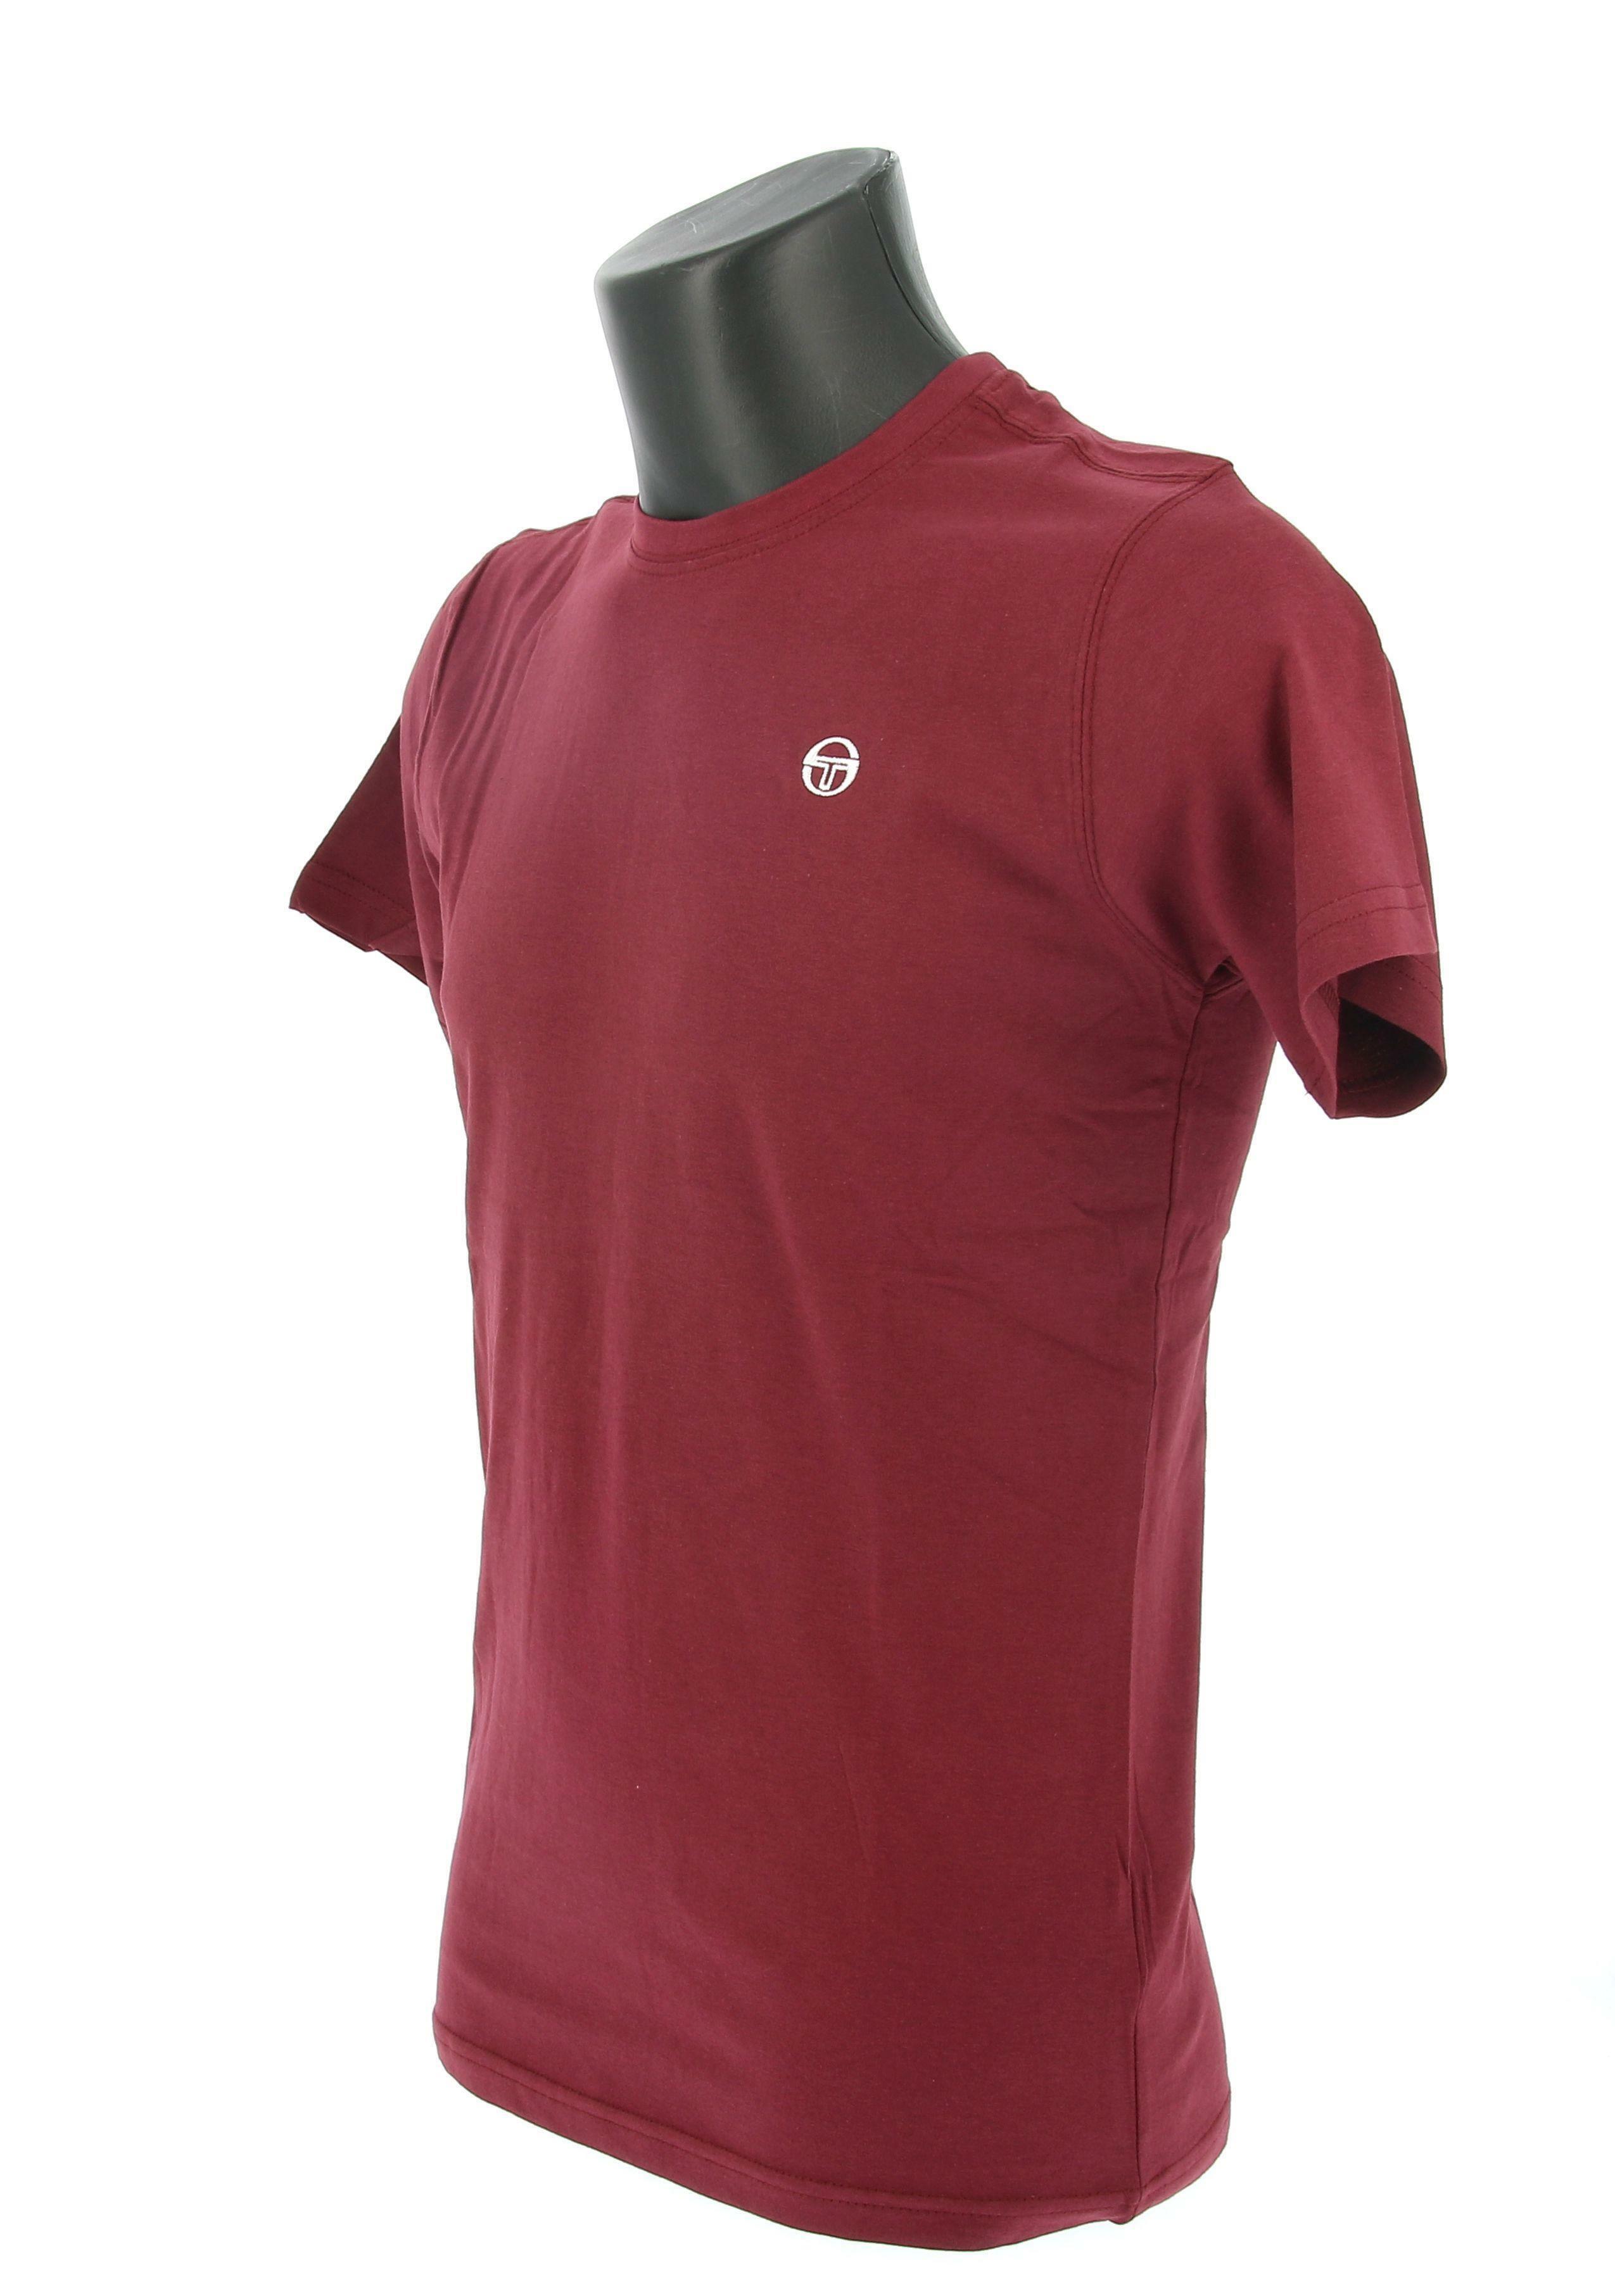 sergio tacchini sergio tacchini ss t-shirt iconic 10007 manica corta uomo bordeaux